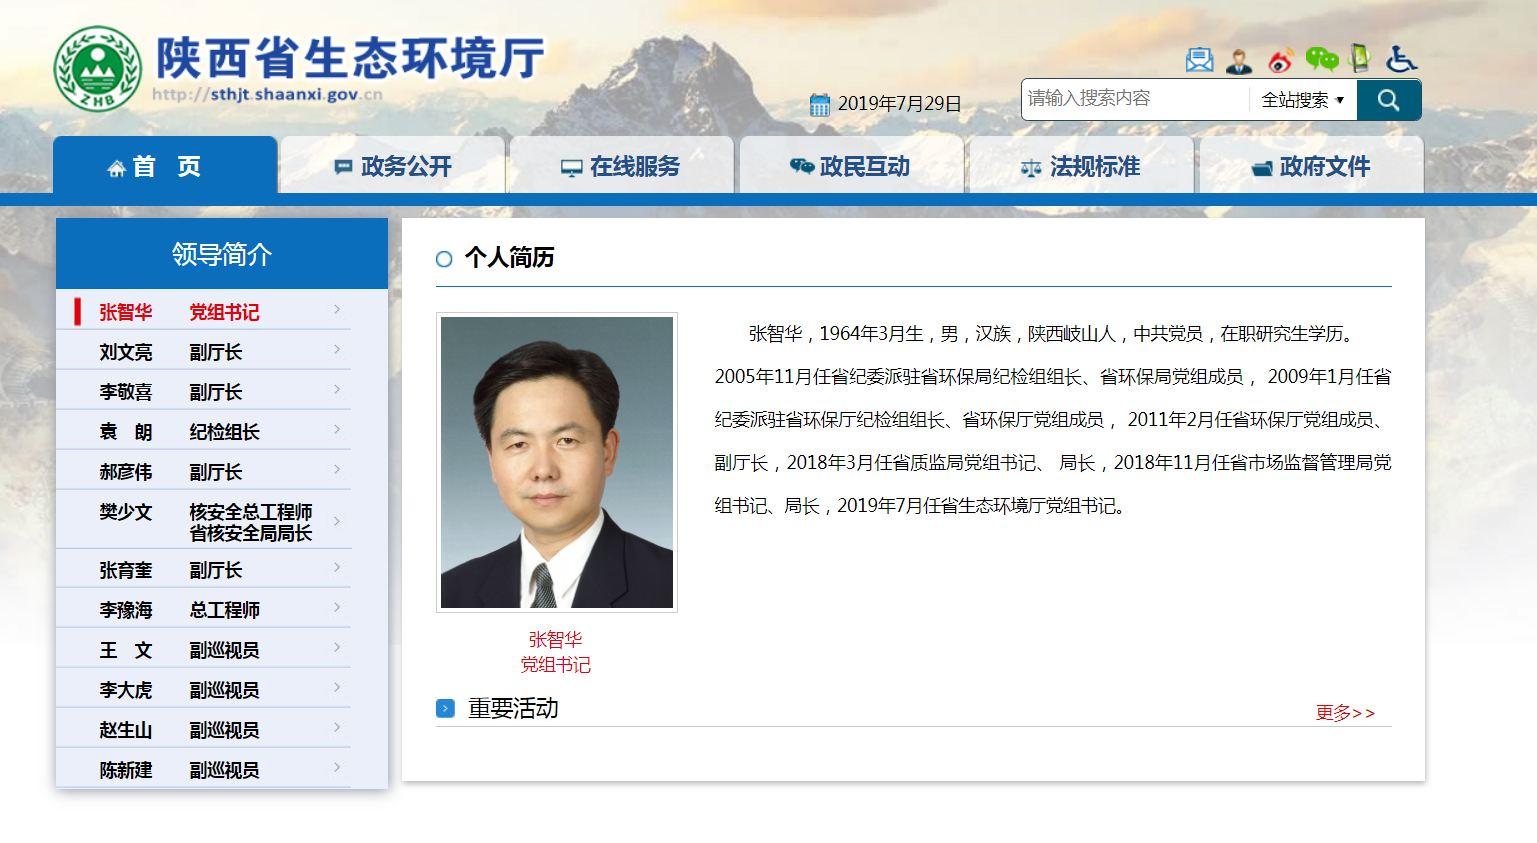 陕西省生态环境厅、省市场监管局分别迎来新党组书记